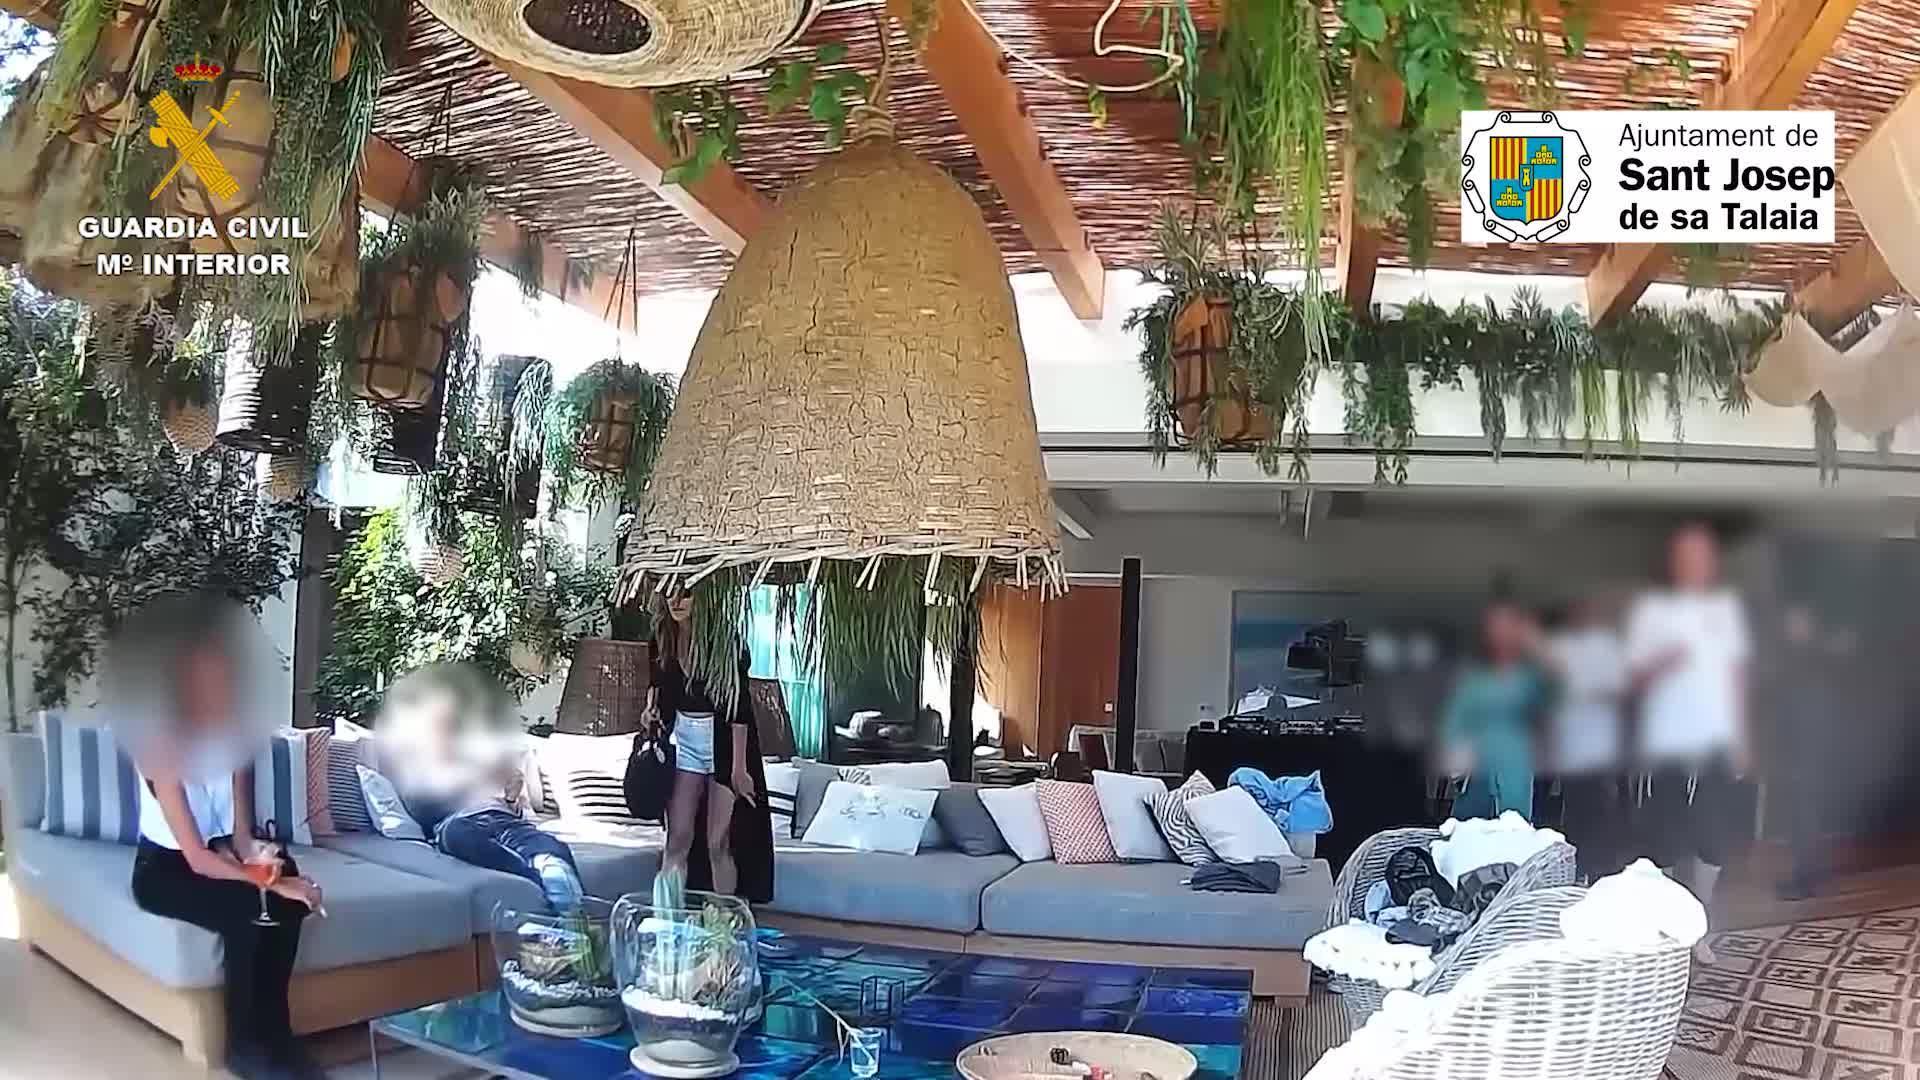 Desmantelada una fiesta en una villa de Ibiza con dj, catering y transporte privado